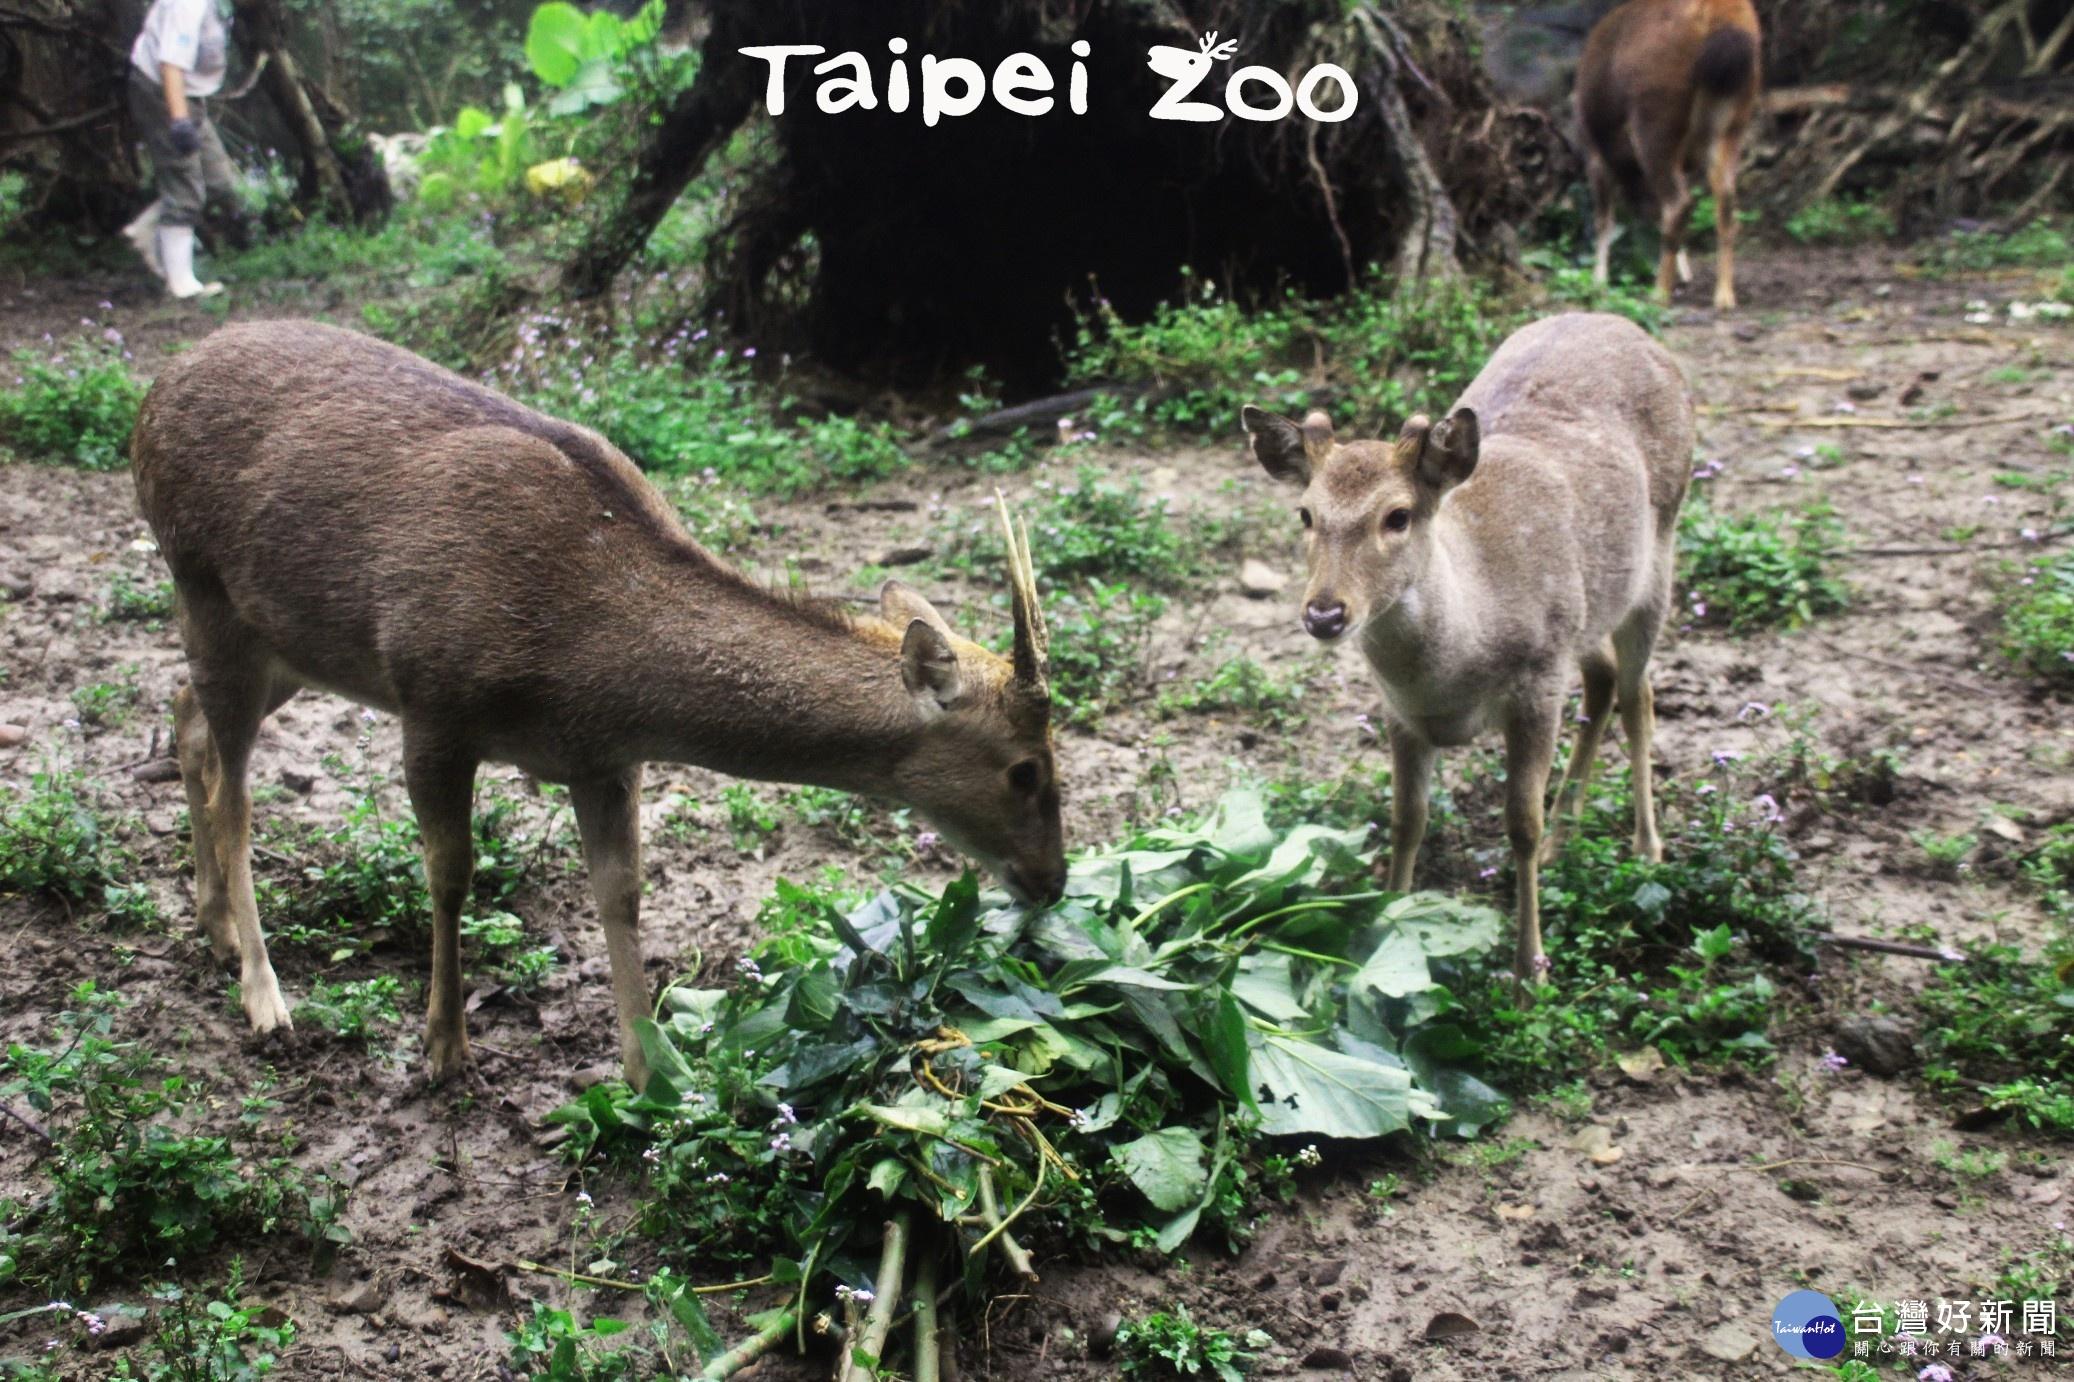 梅花鹿換皮長鹿茸 自然界時裝秀來了